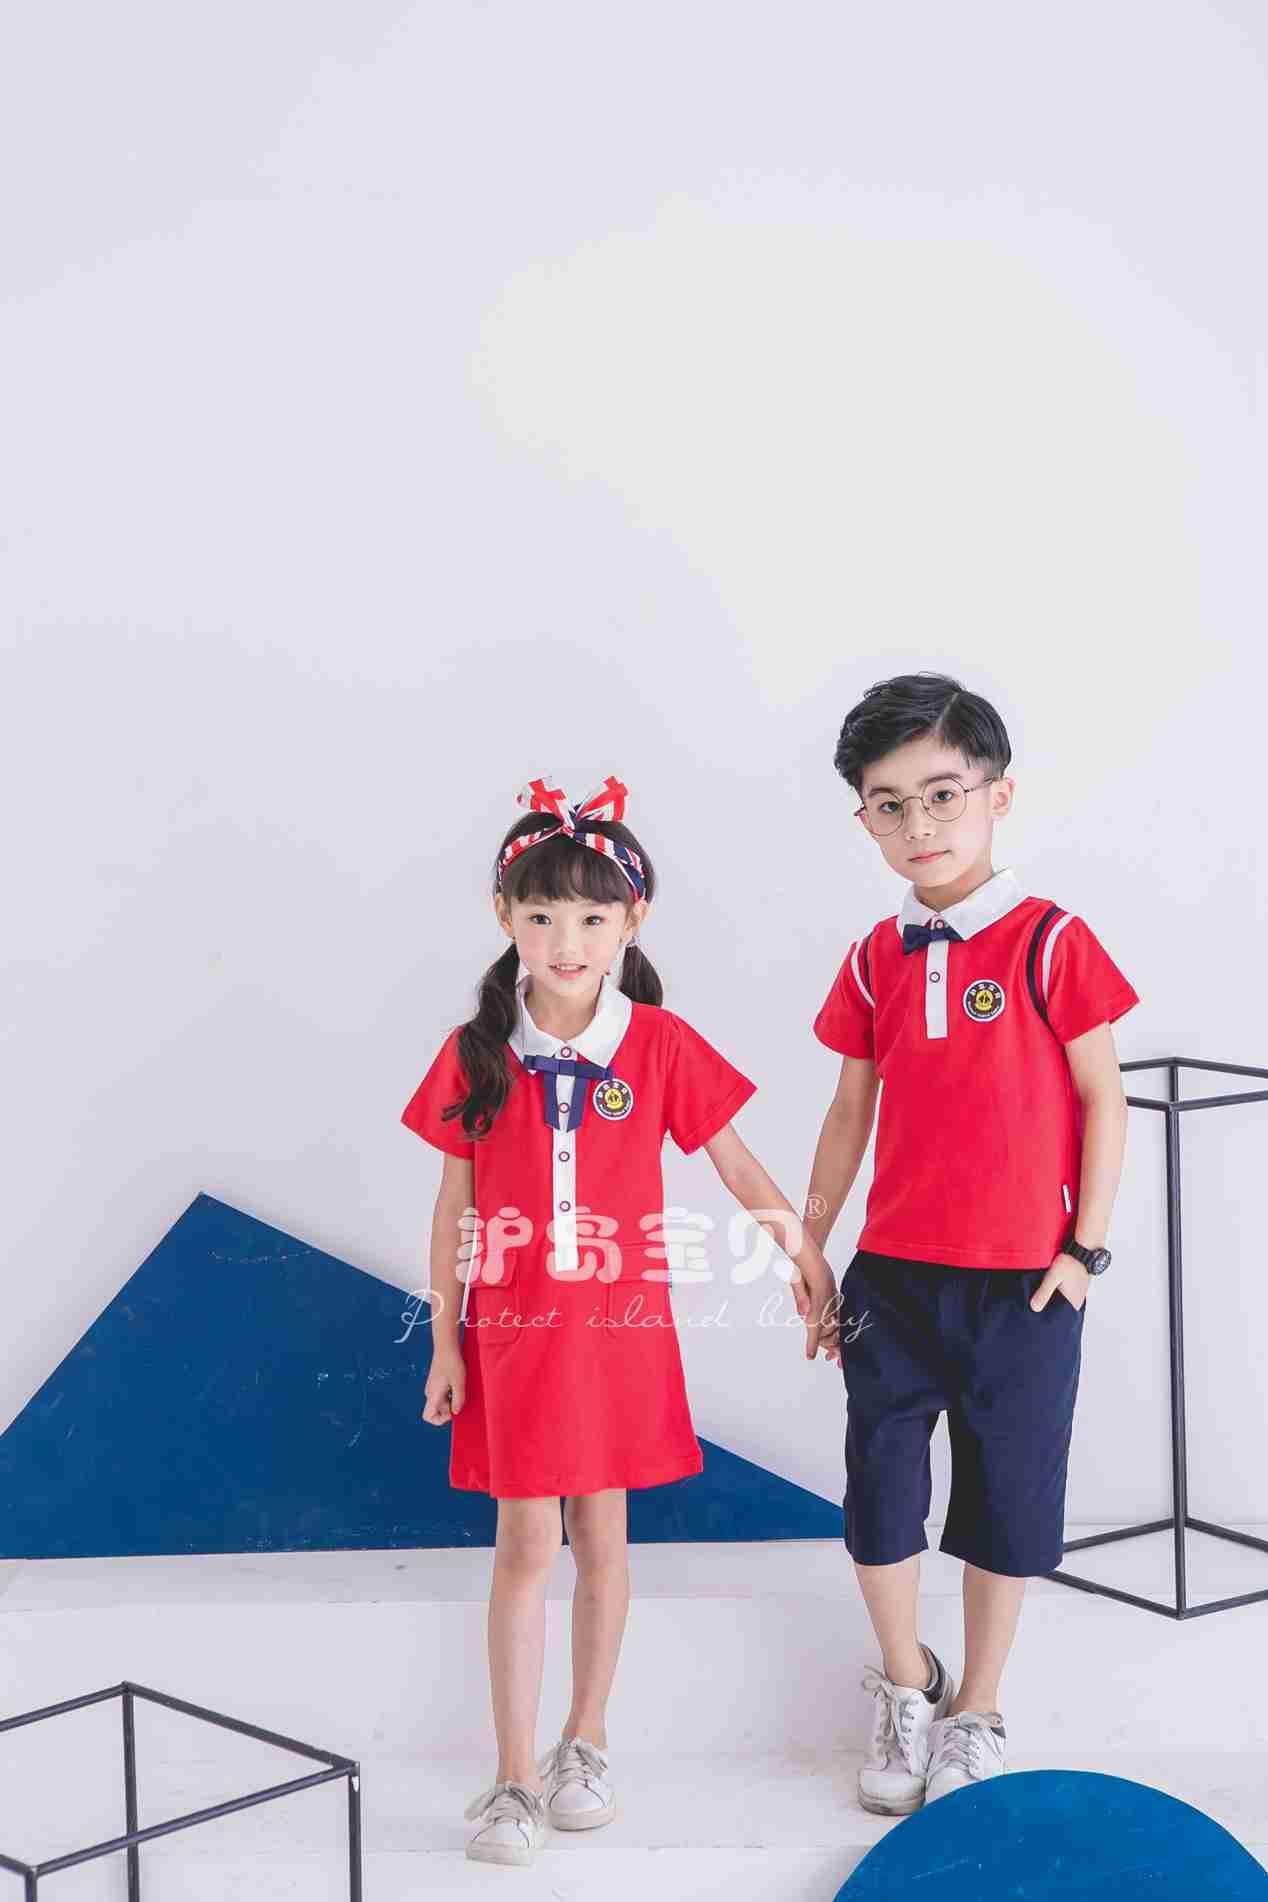 护岛宝贝幼儿园园服男女童新款珠地棉棒球服儿童夏季套装校服